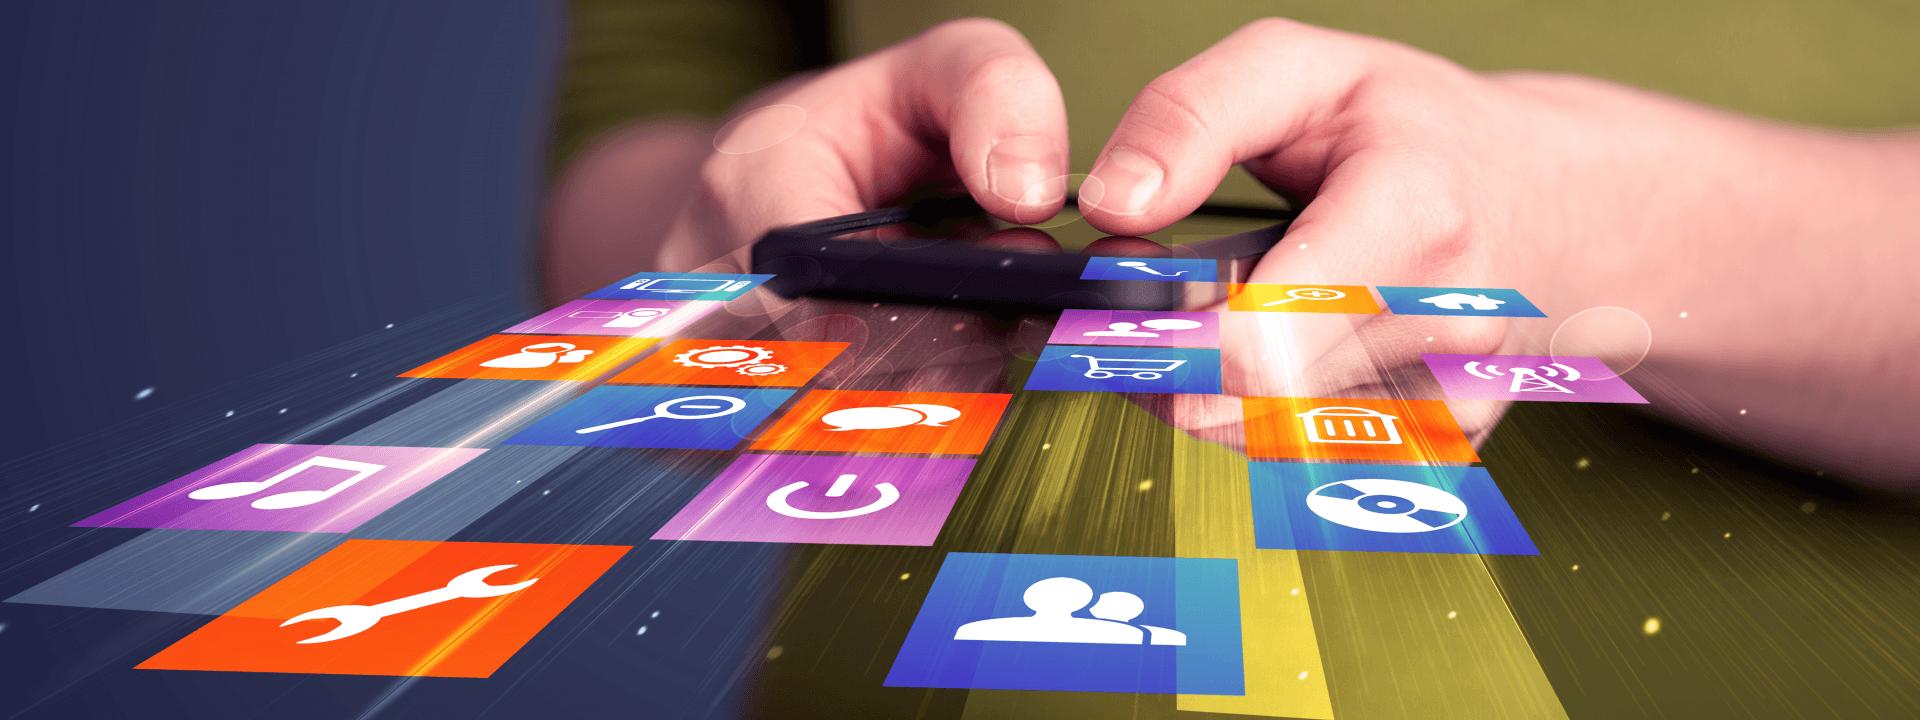 5 digitale værktøjer til effektivt samarbejde - Se her!